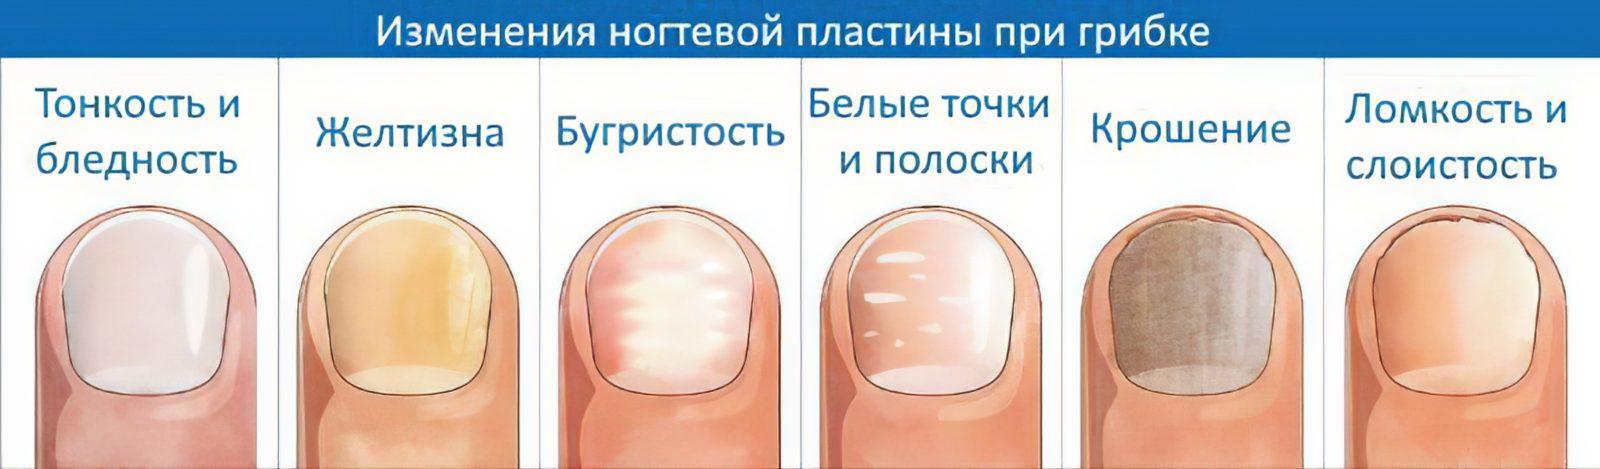 Грибок ногтей - медикаментозные и народные методы лечения